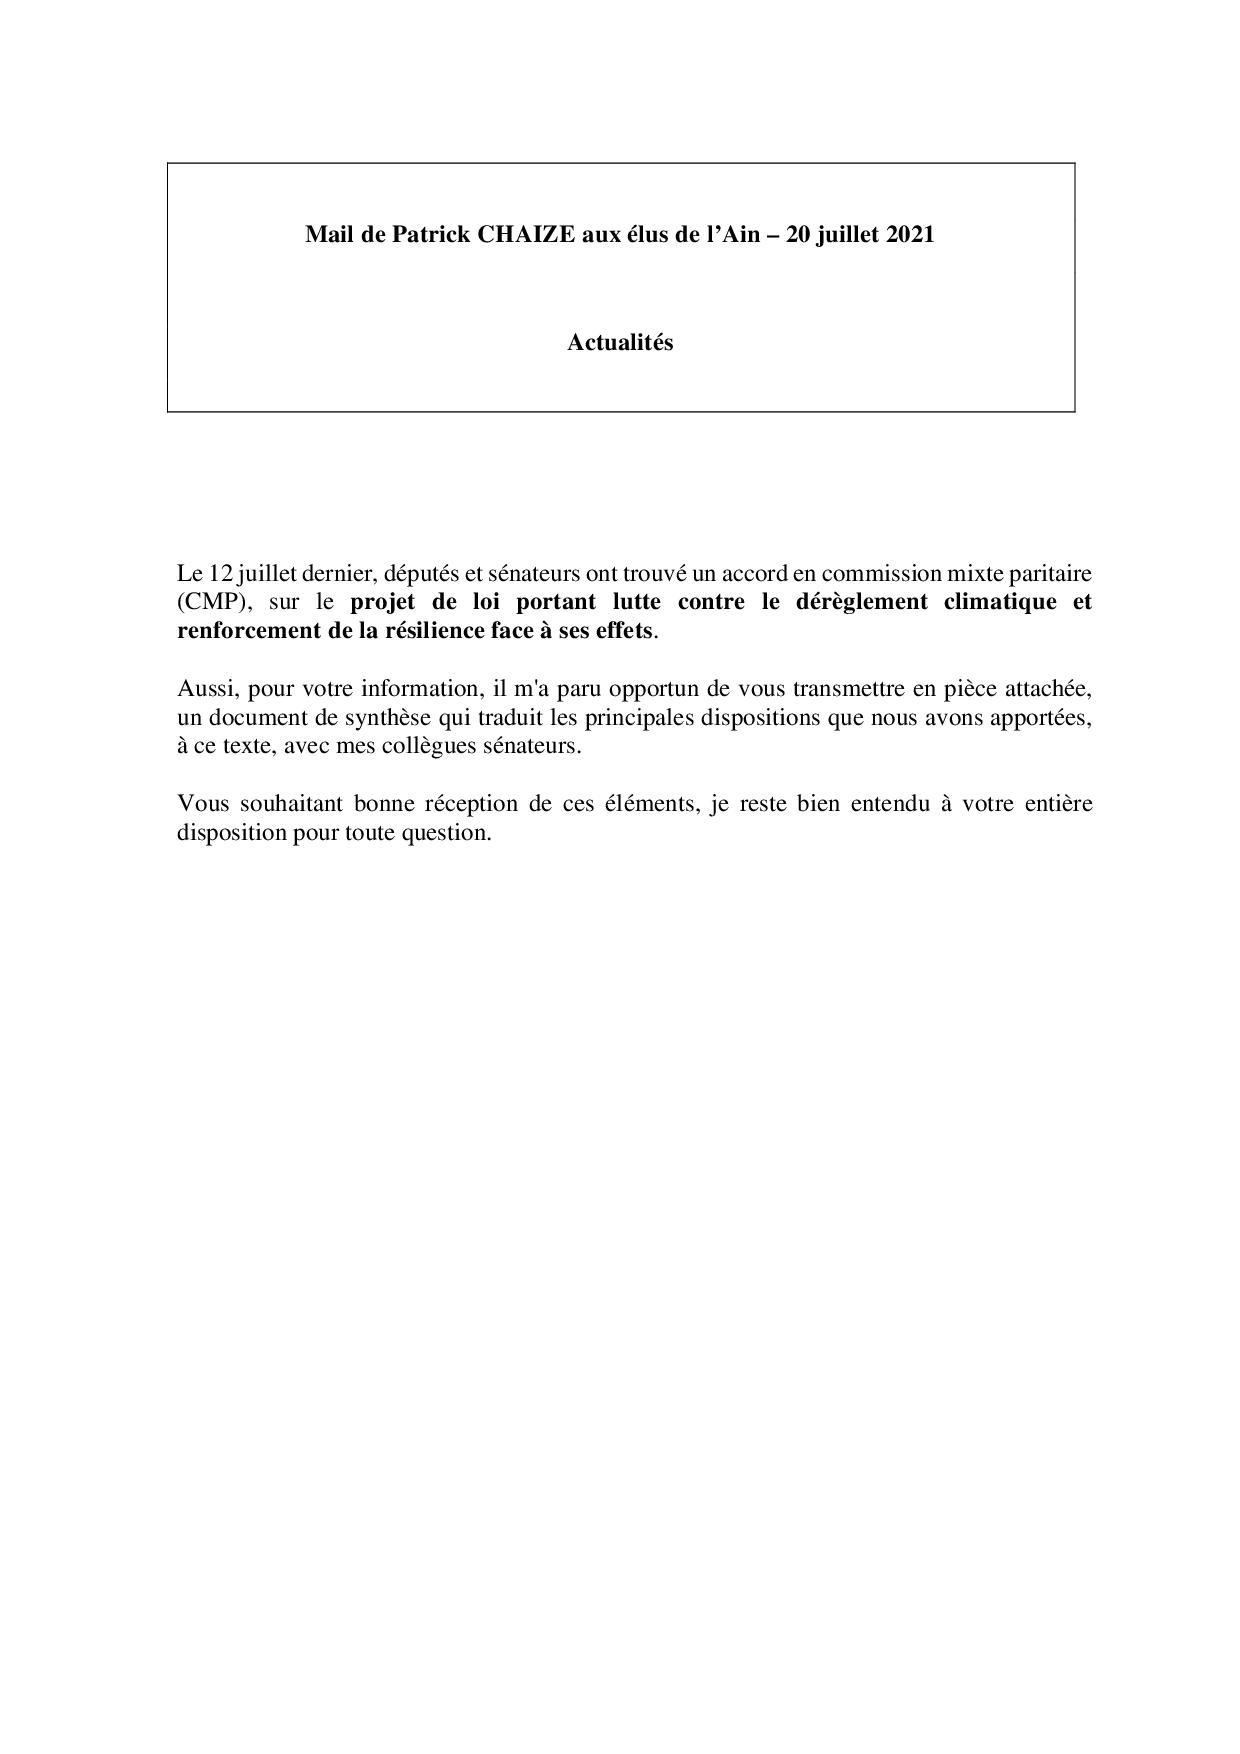 Mail_Information_Communiqué_Elus_Ain_N°80_202100720